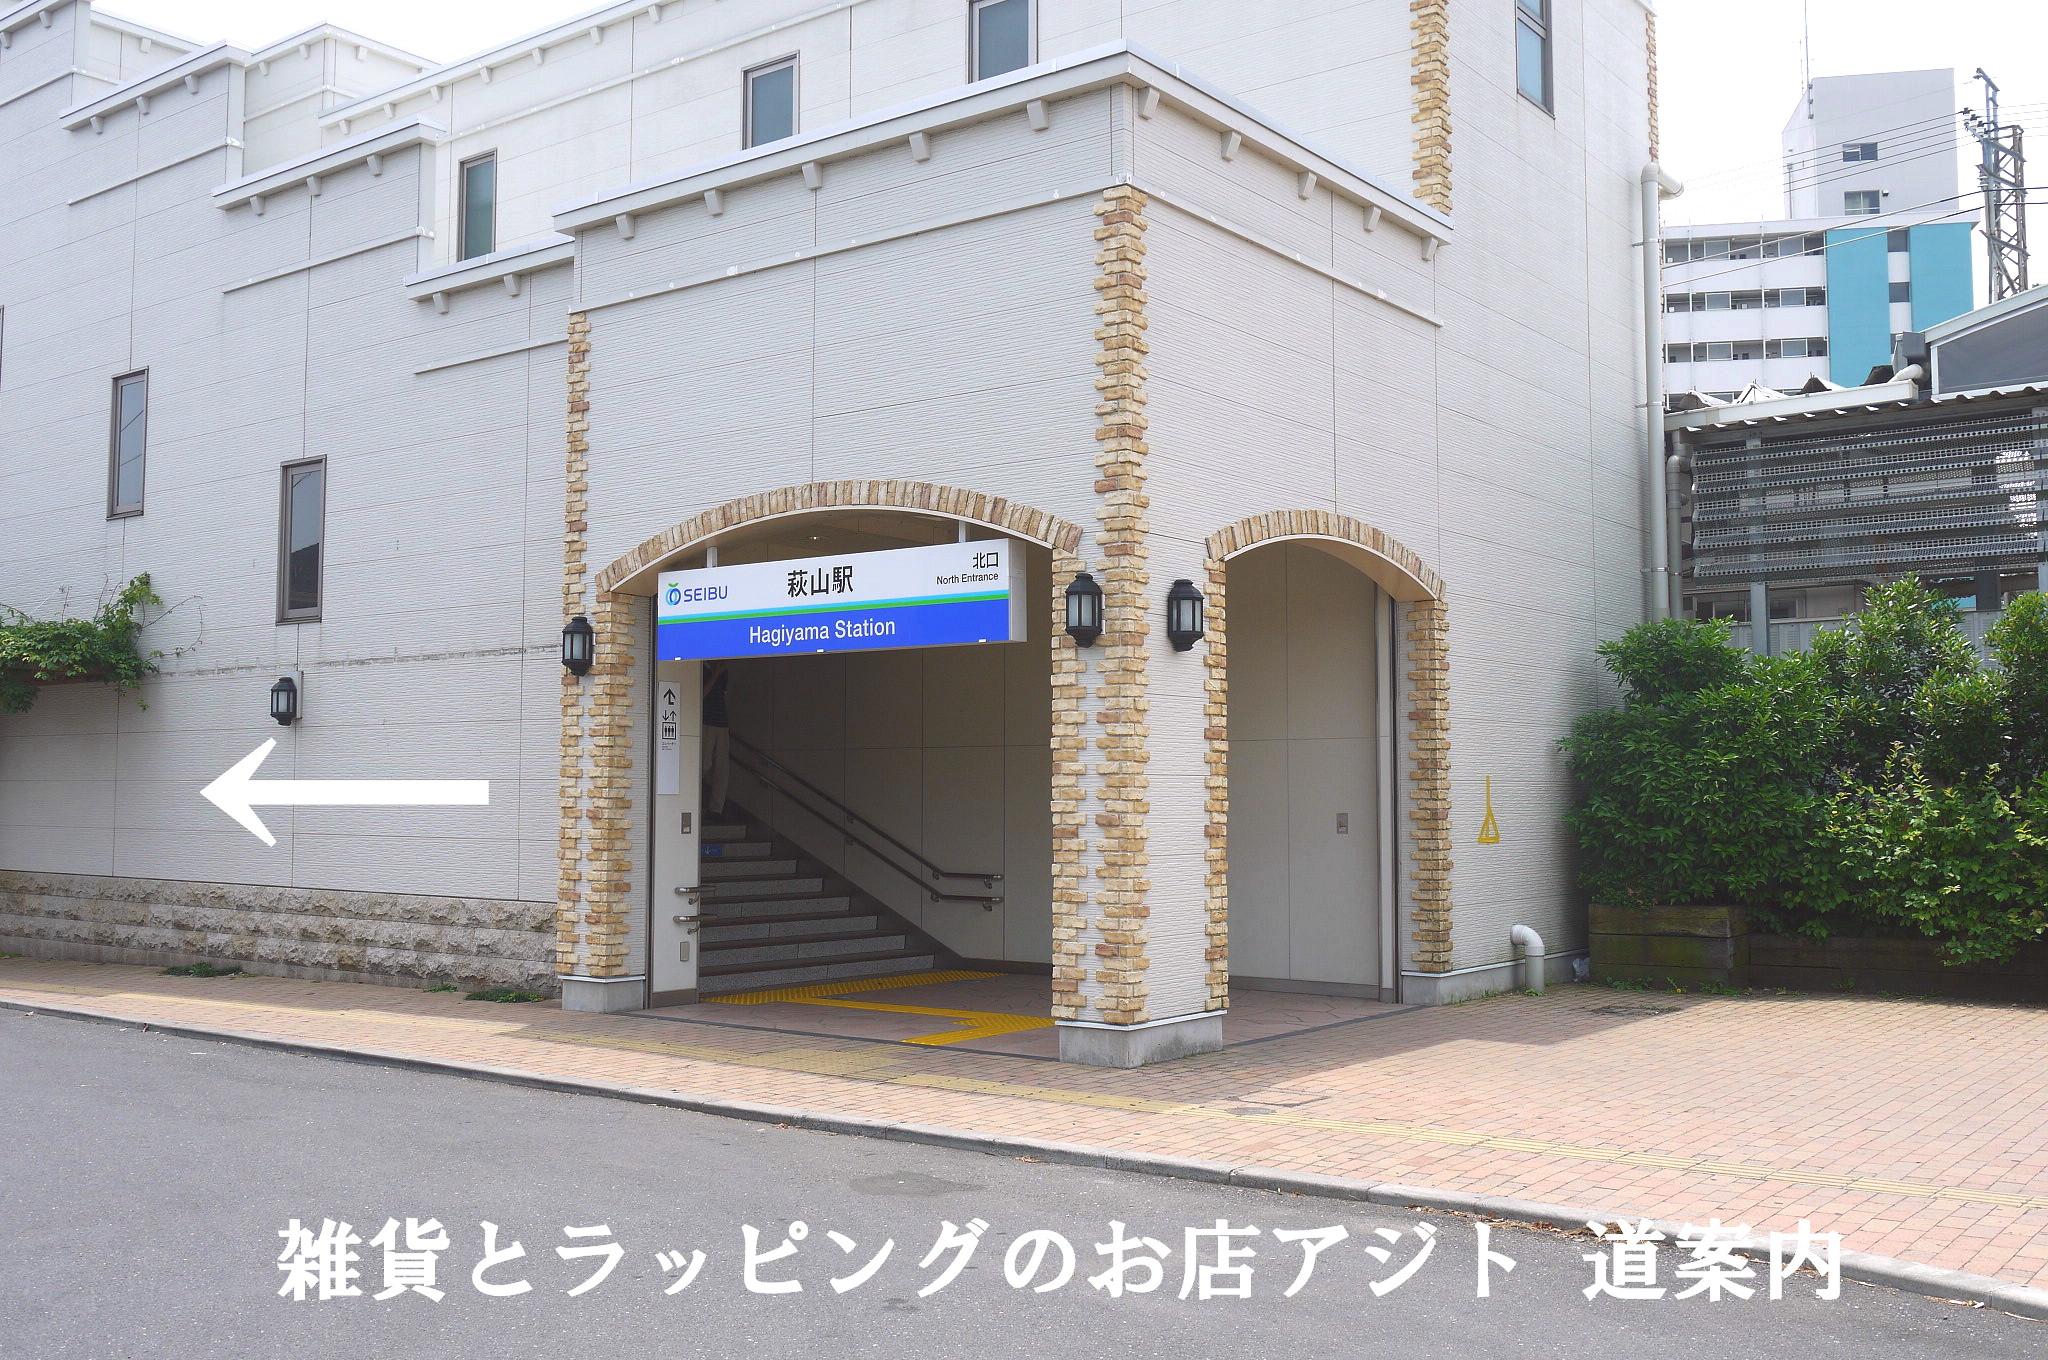 萩山駅北口の駅舎沿いに進む